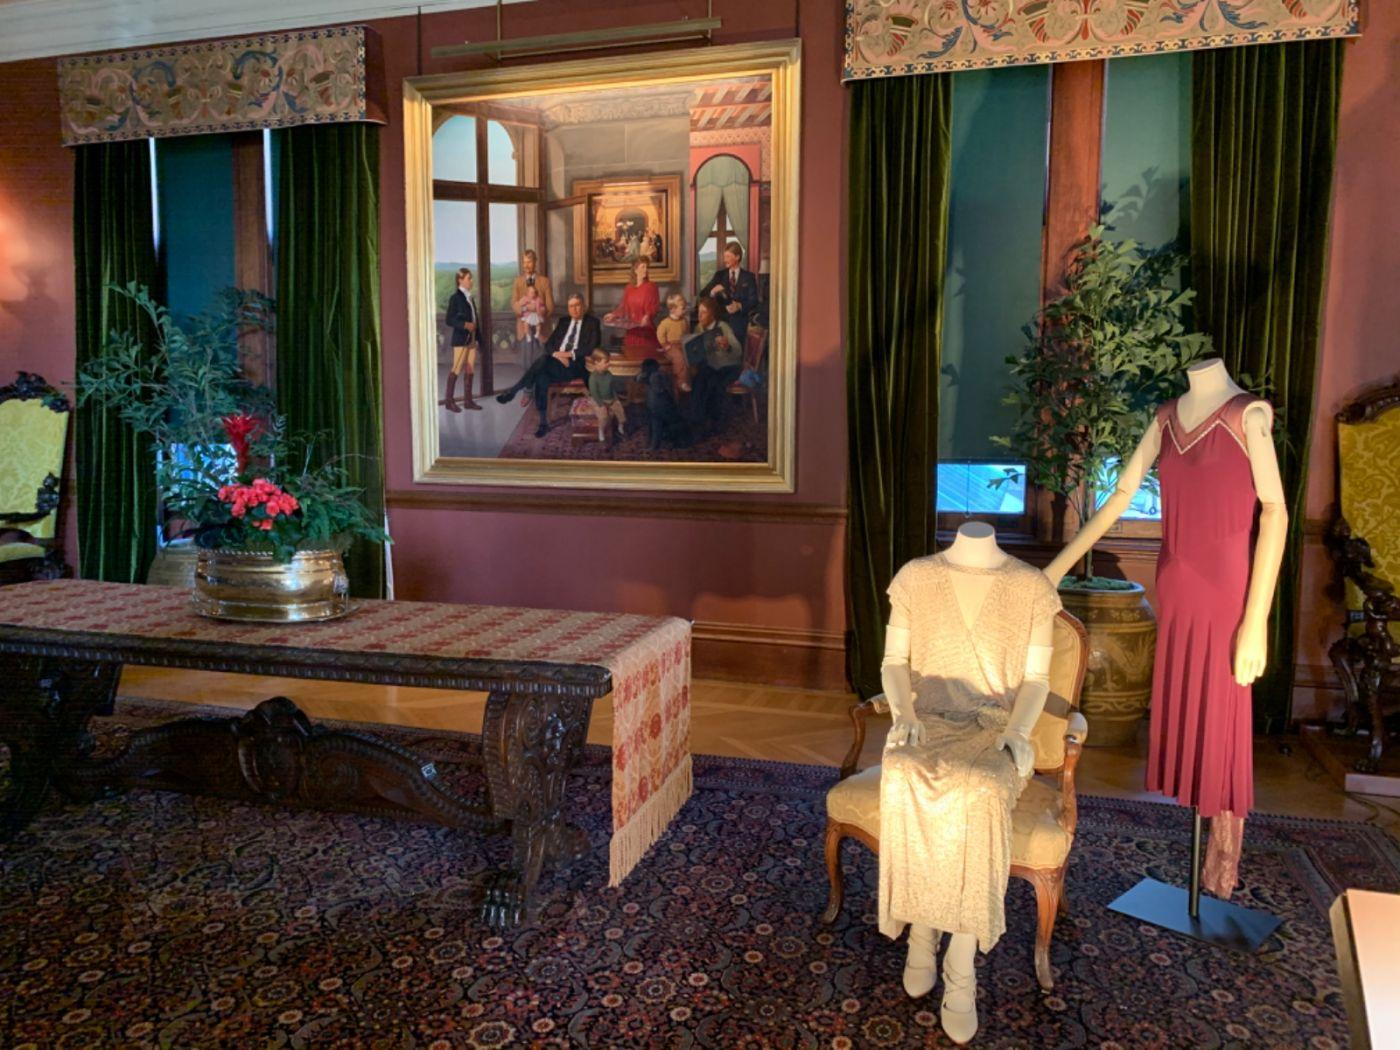 比特摩尔(Biltmore)庄园,美国最富盛名的十大私人庄园之一_图1-4